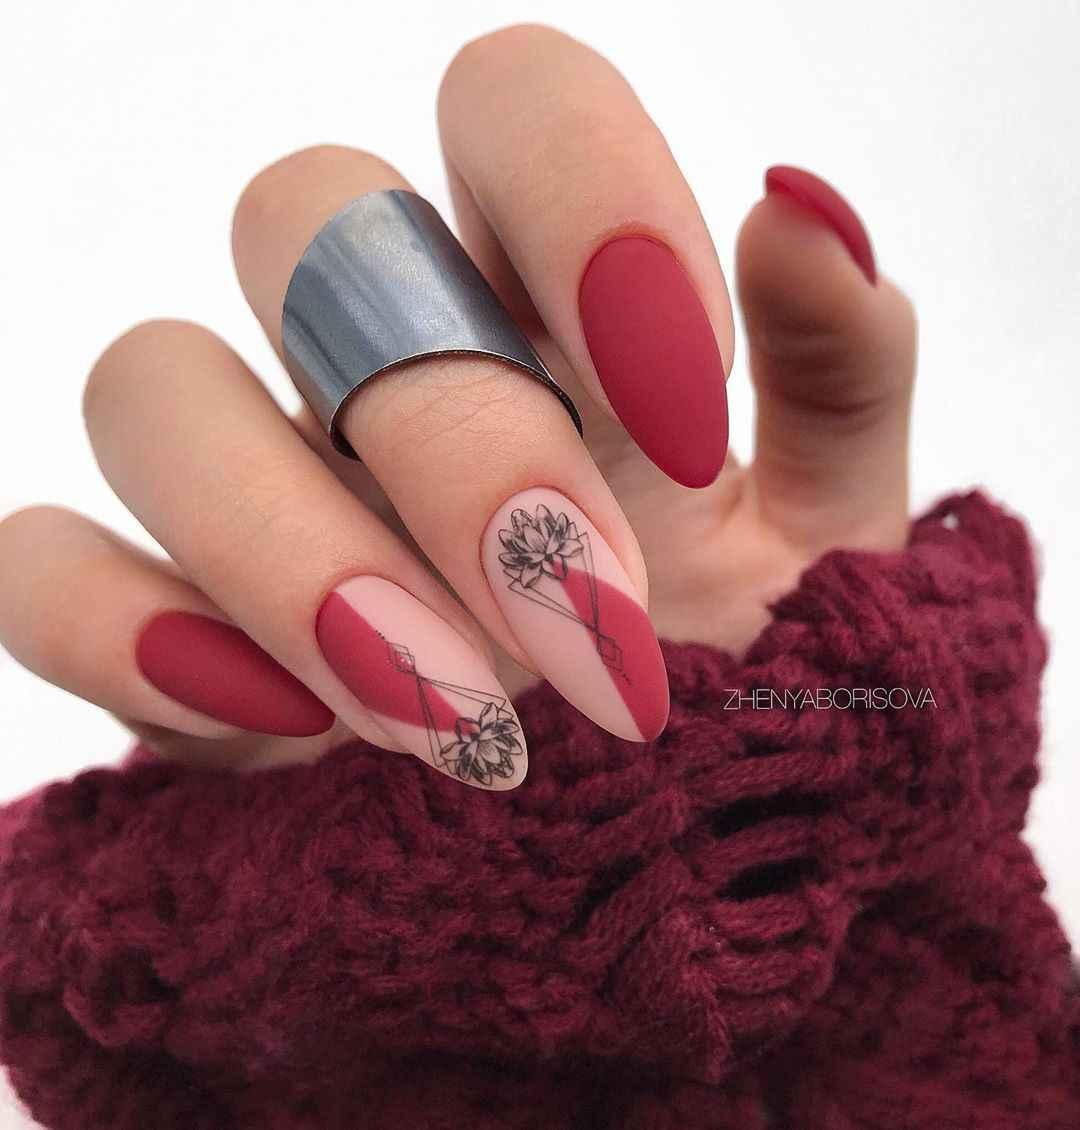 Необычный френч на ногтях фото_20